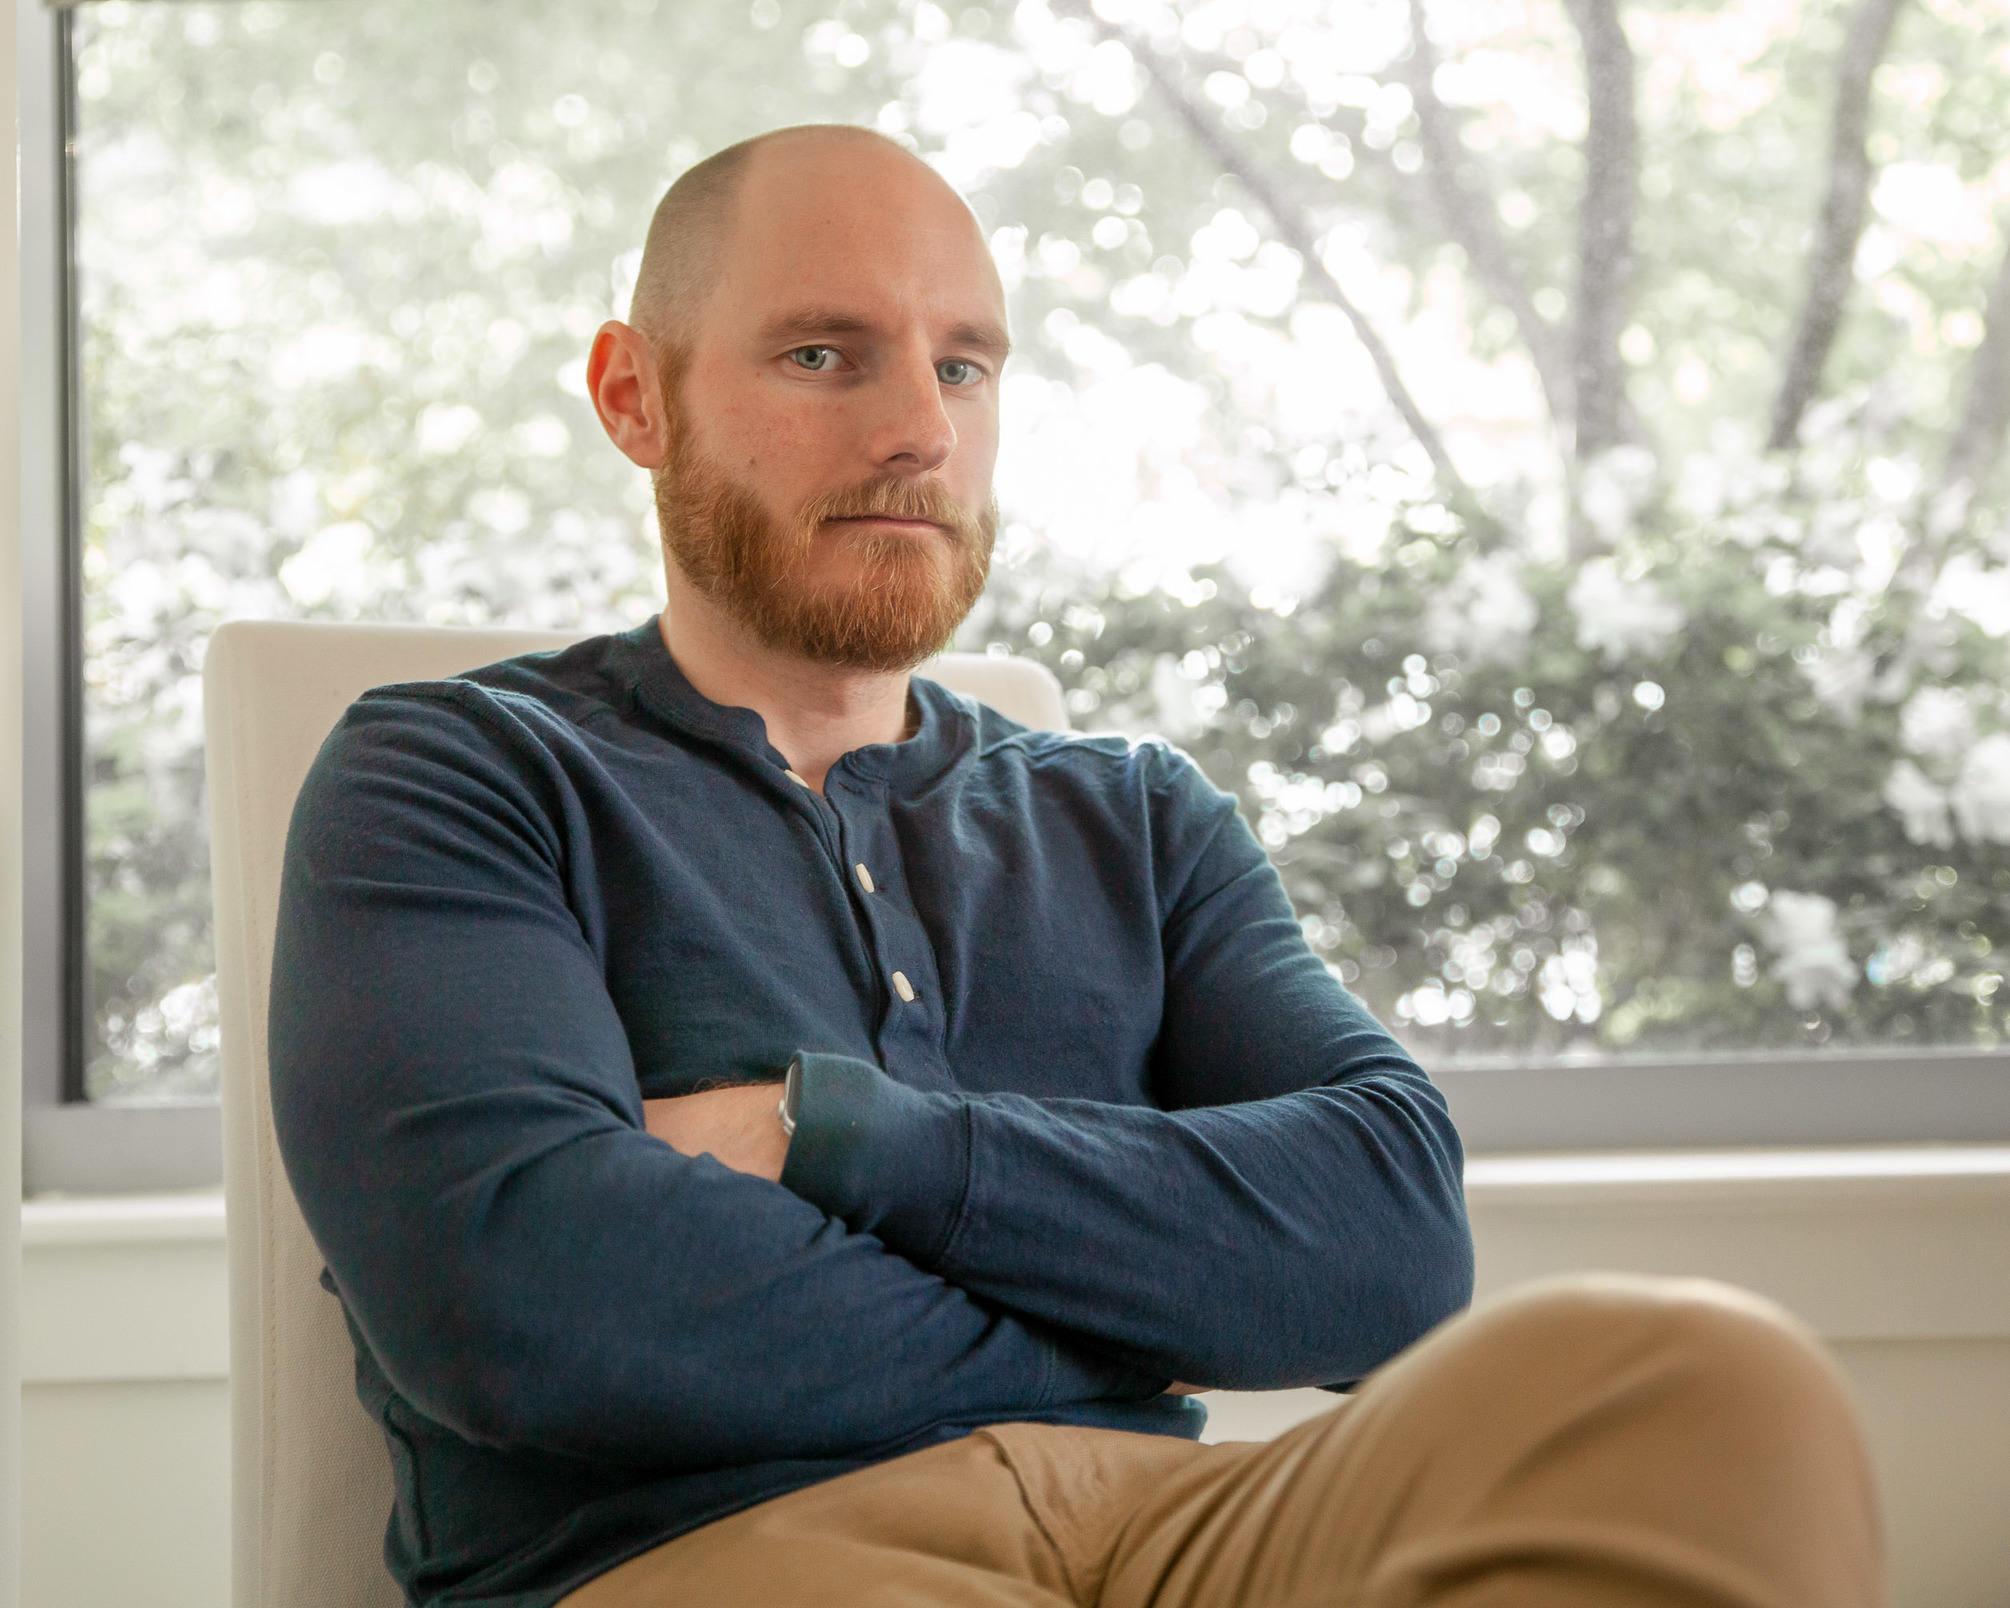 Robert Ordway wearing heanley shirt